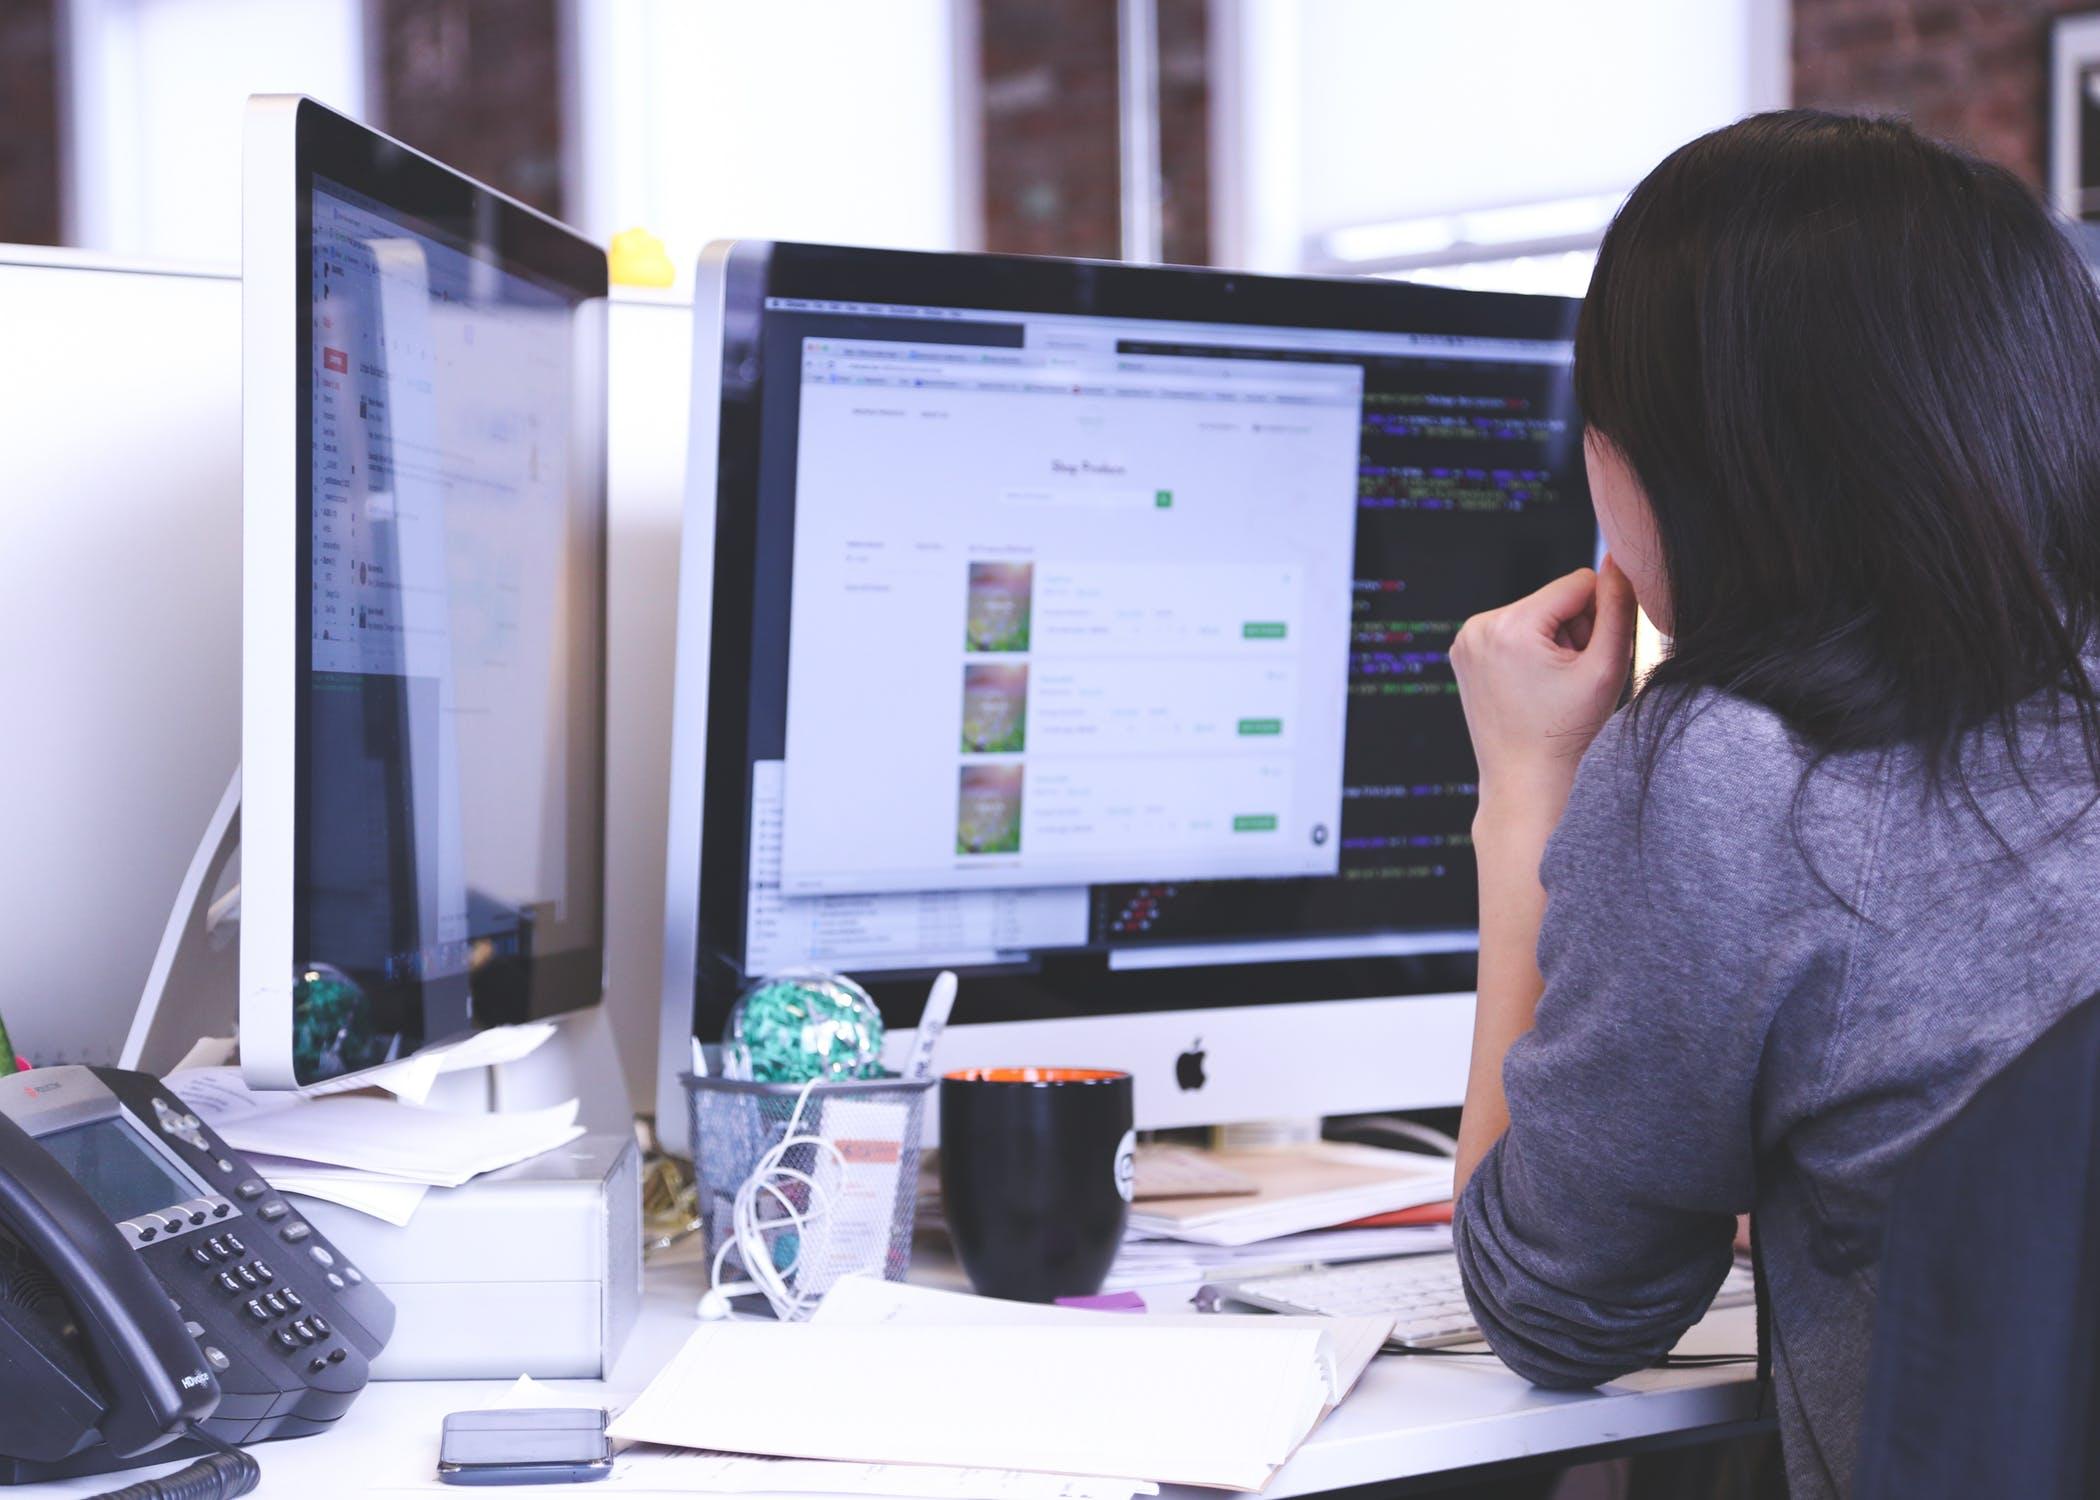 Imagen Microlearning #3: Optimizando la formación continua en las empresas